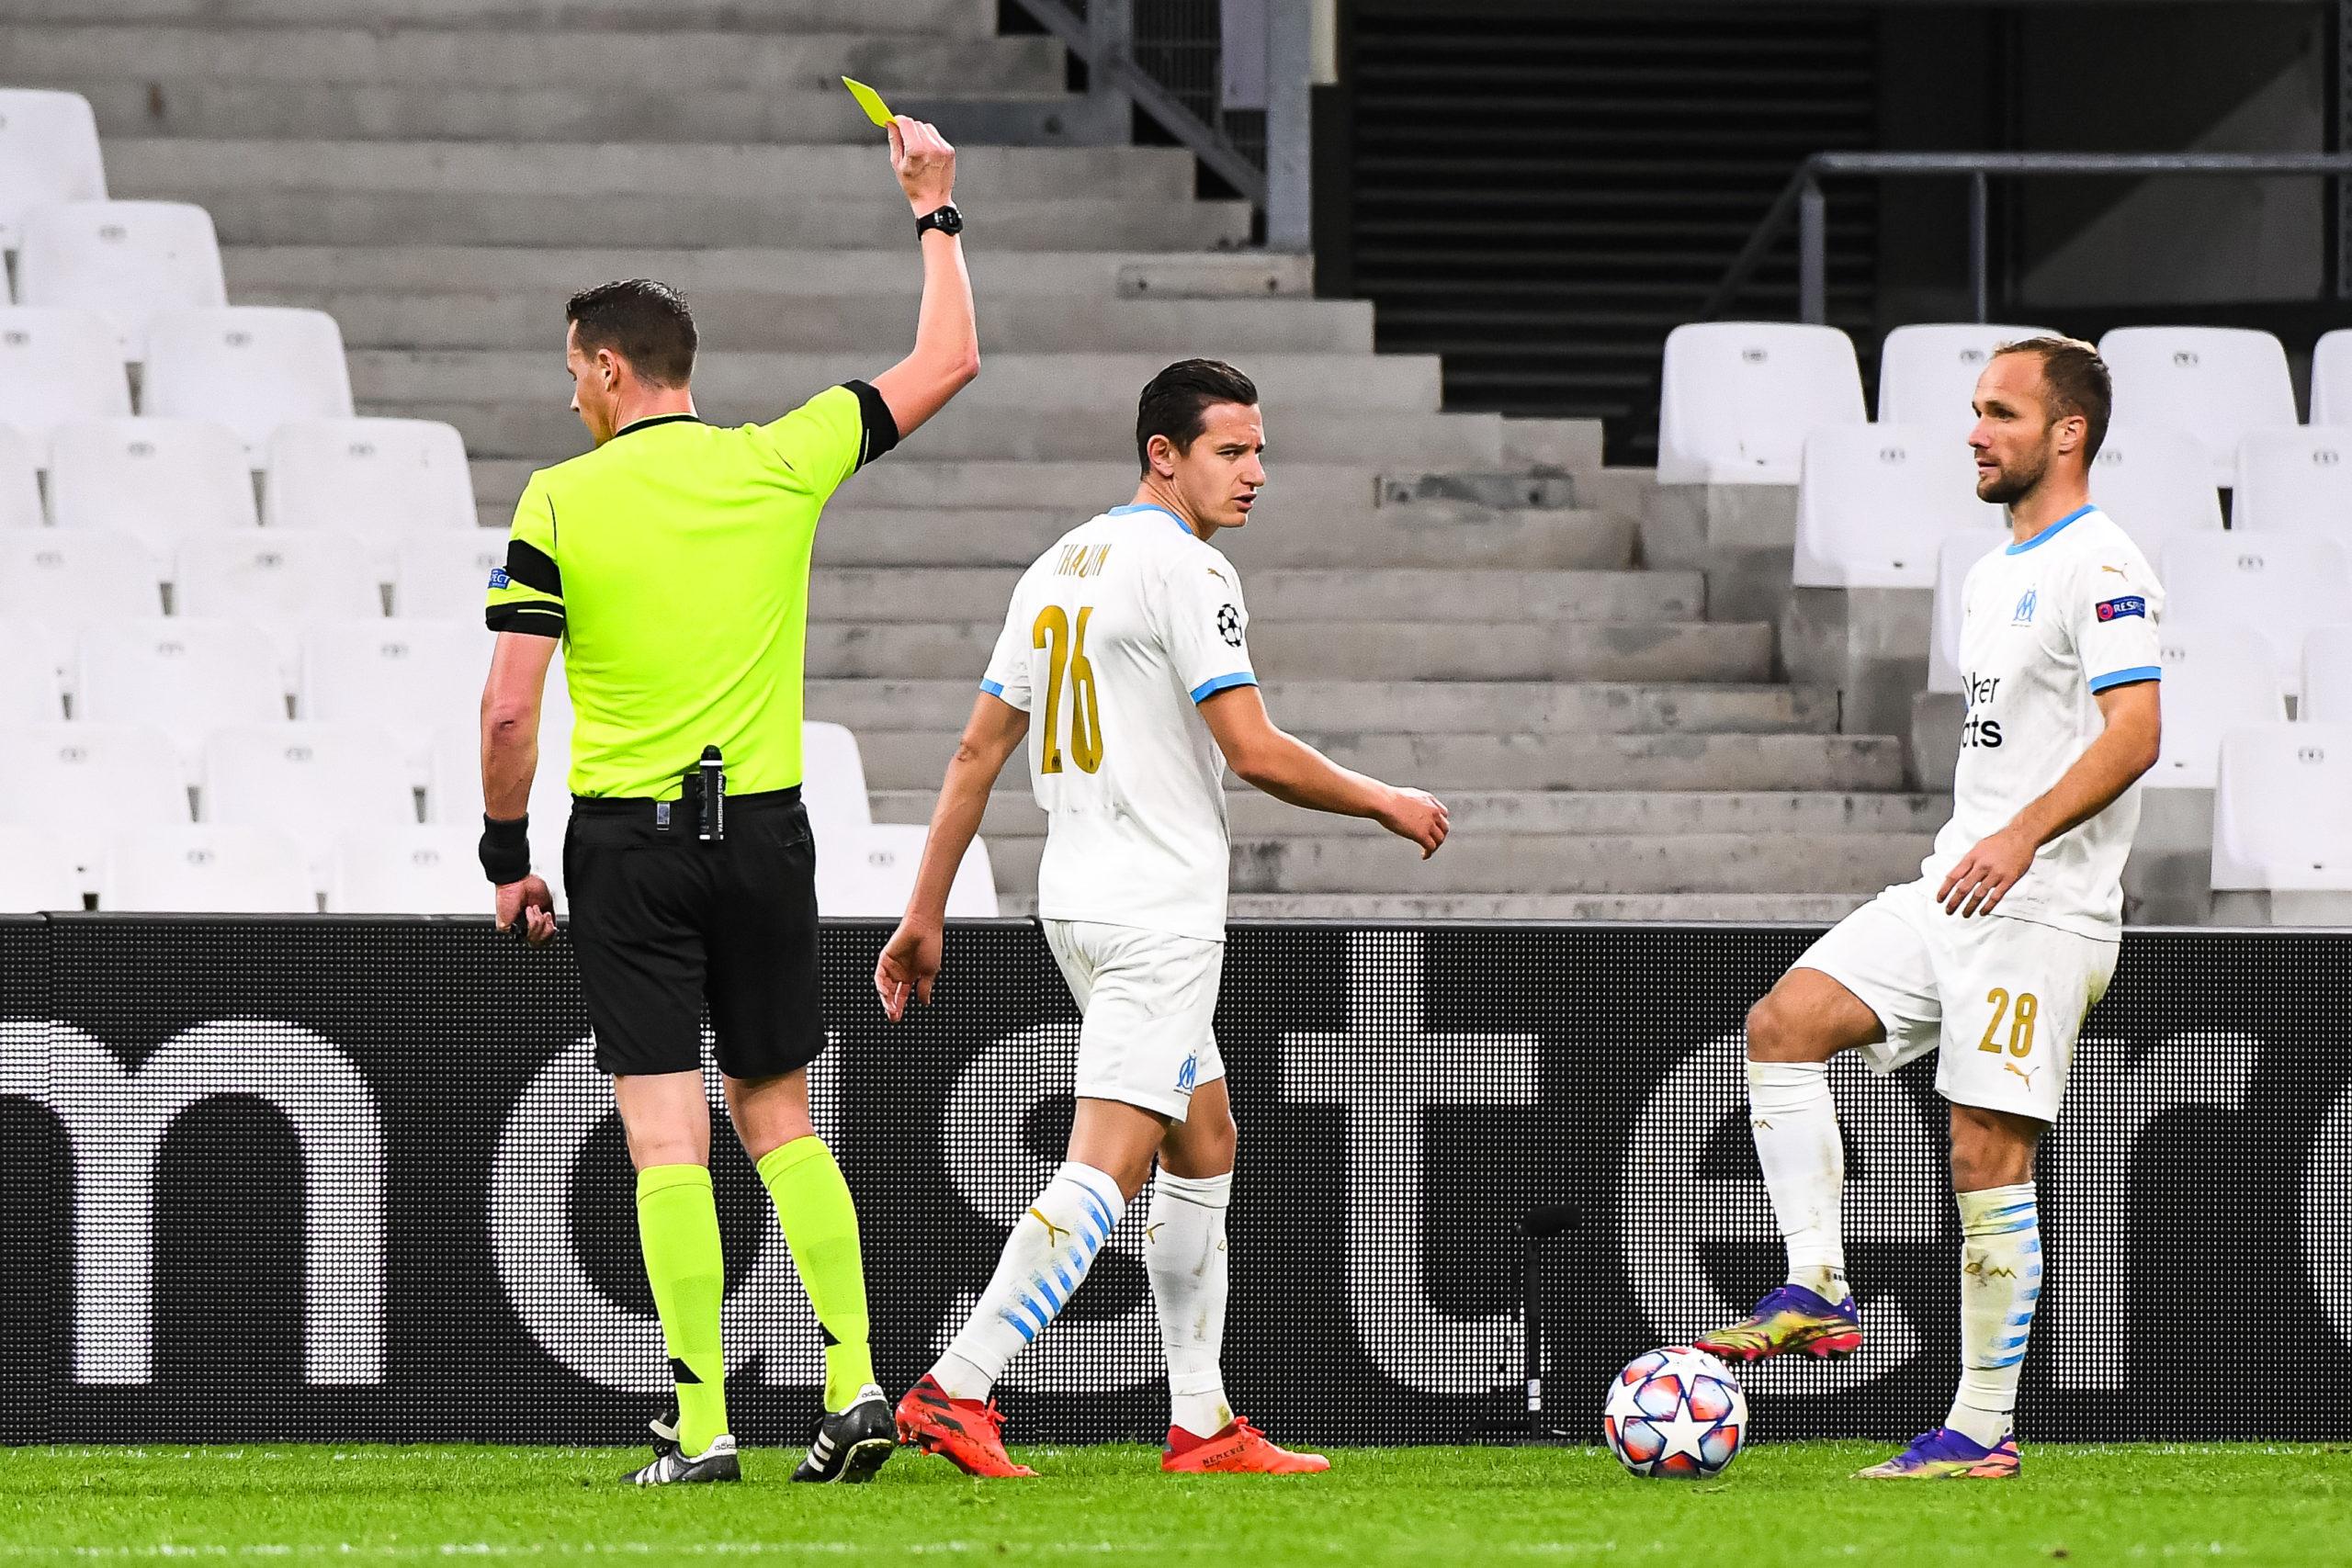 OM - Germain et Thauvin out, Marseille doit tourner la page